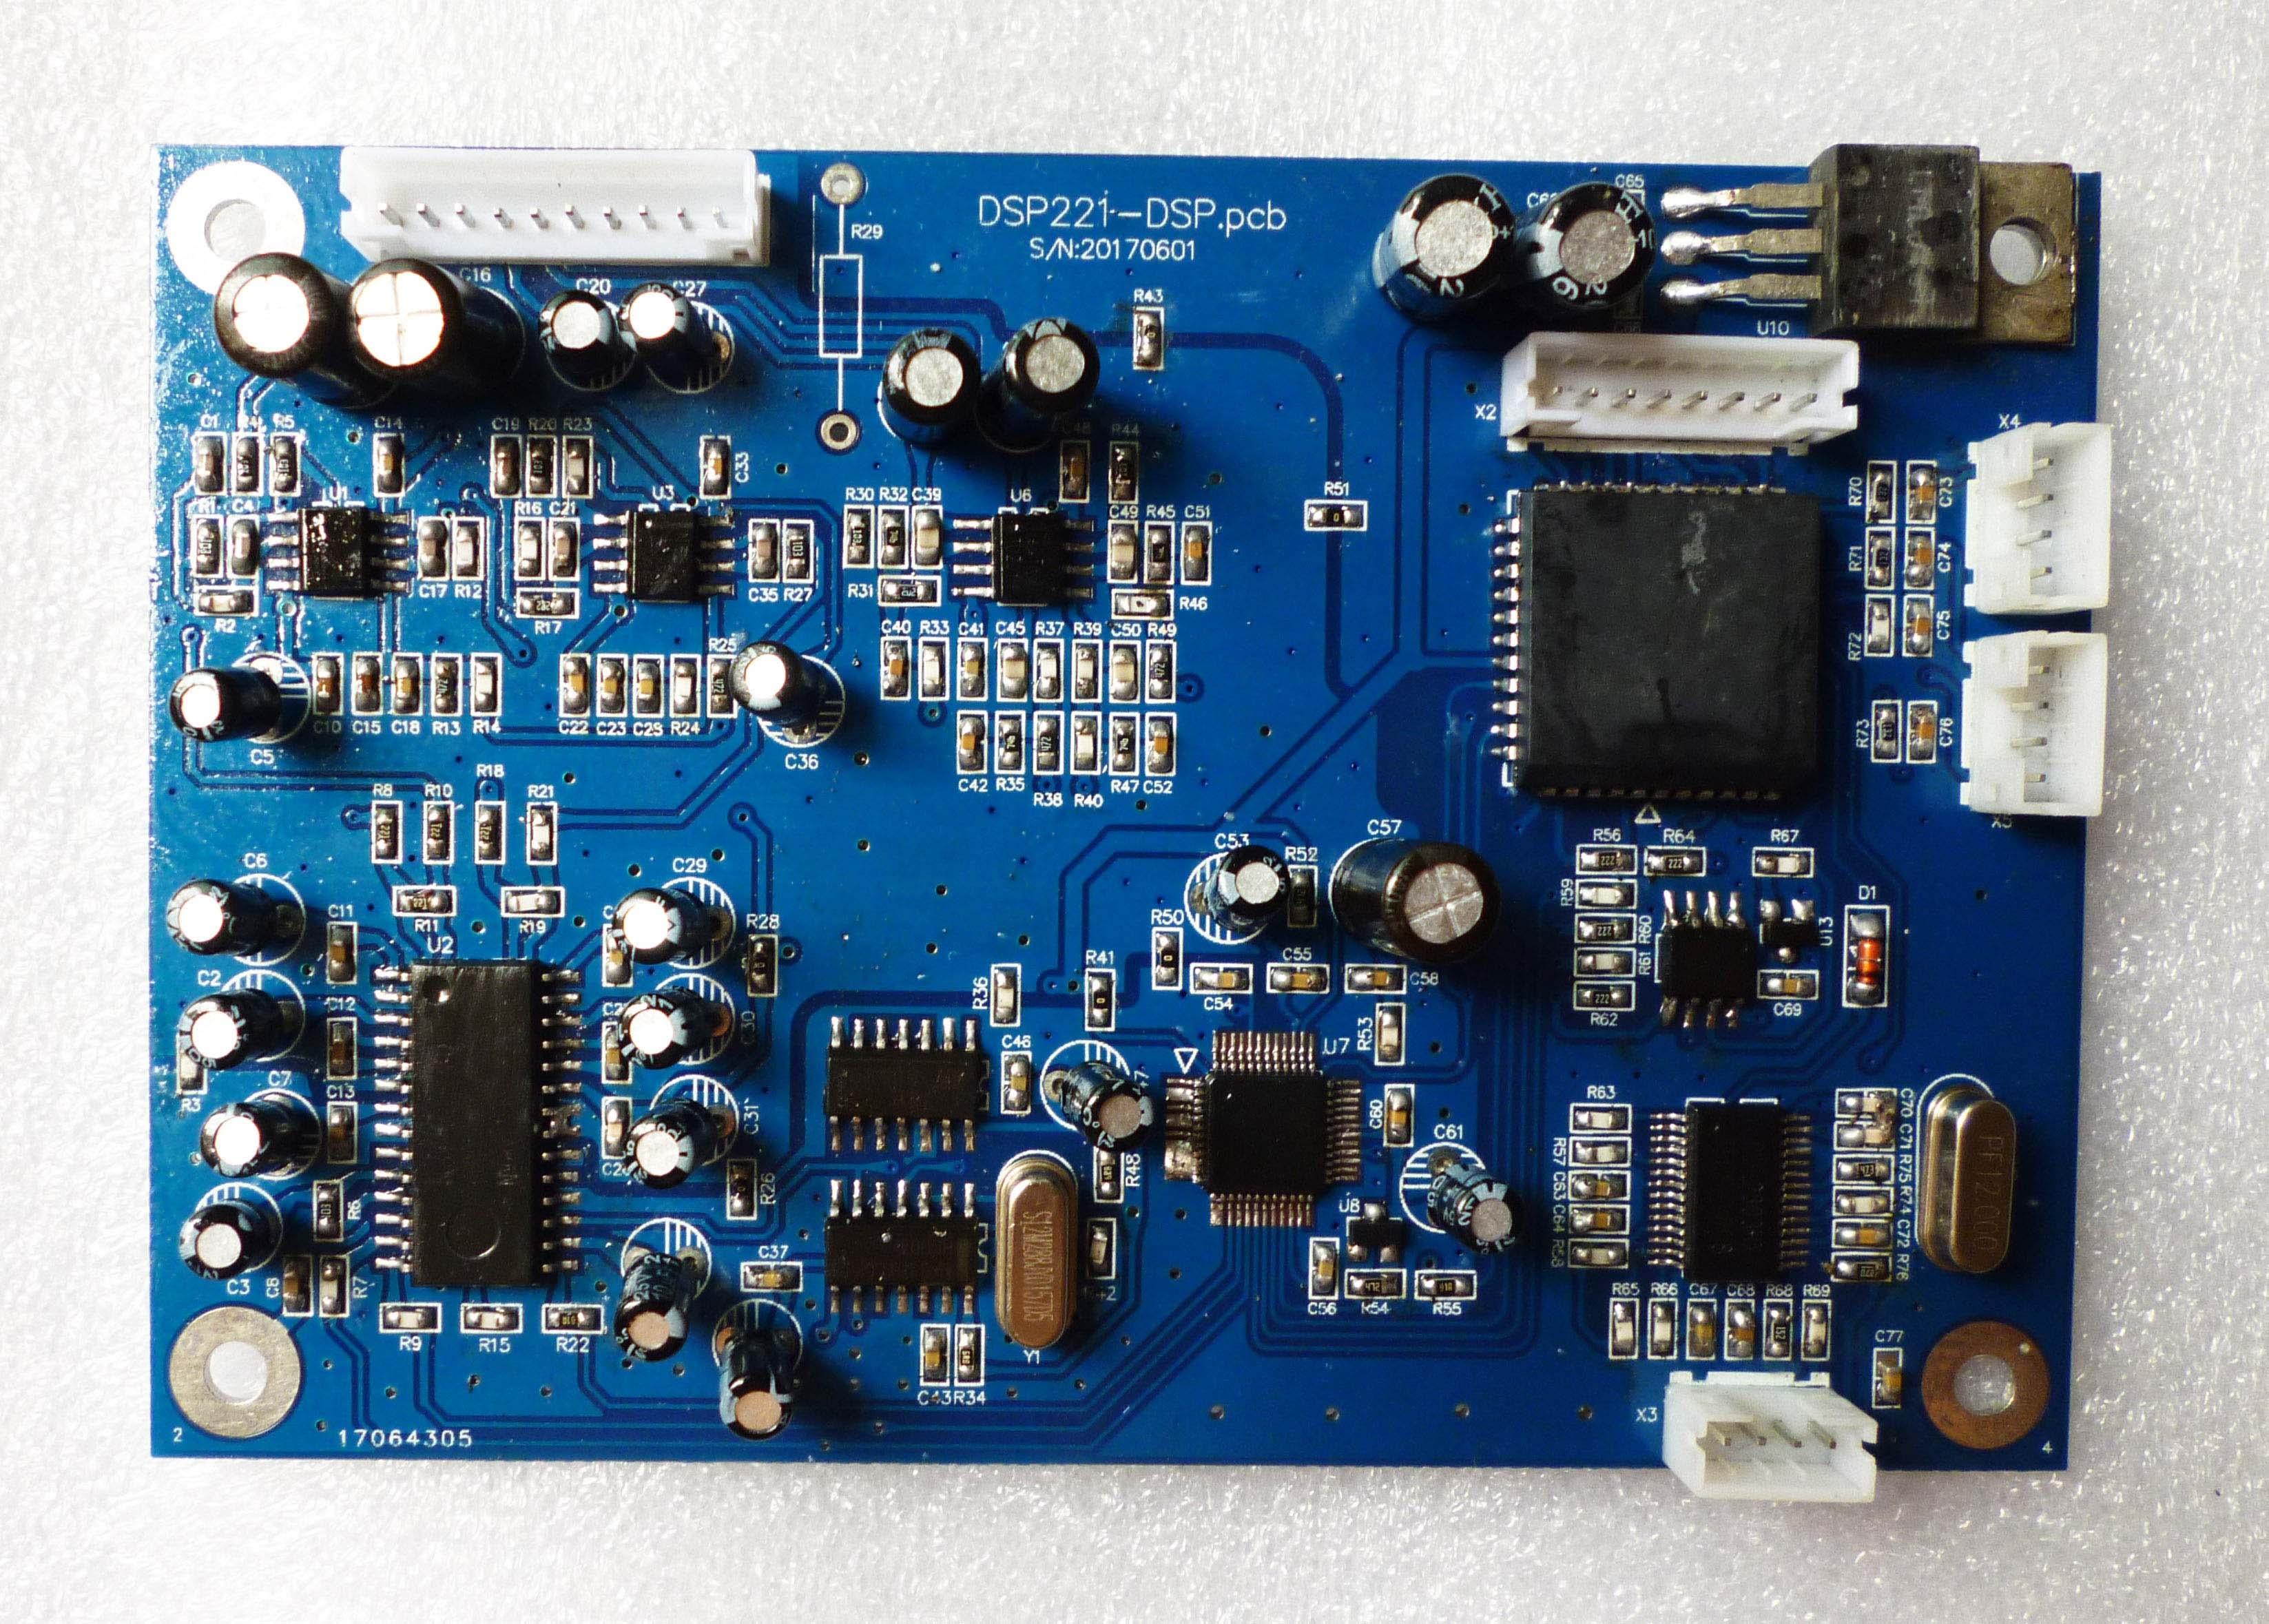 لوحة معالج رقمية DSP ، لوحة مقسم تردد رقمية ، 2 مخرجين ، أربعة مخارج